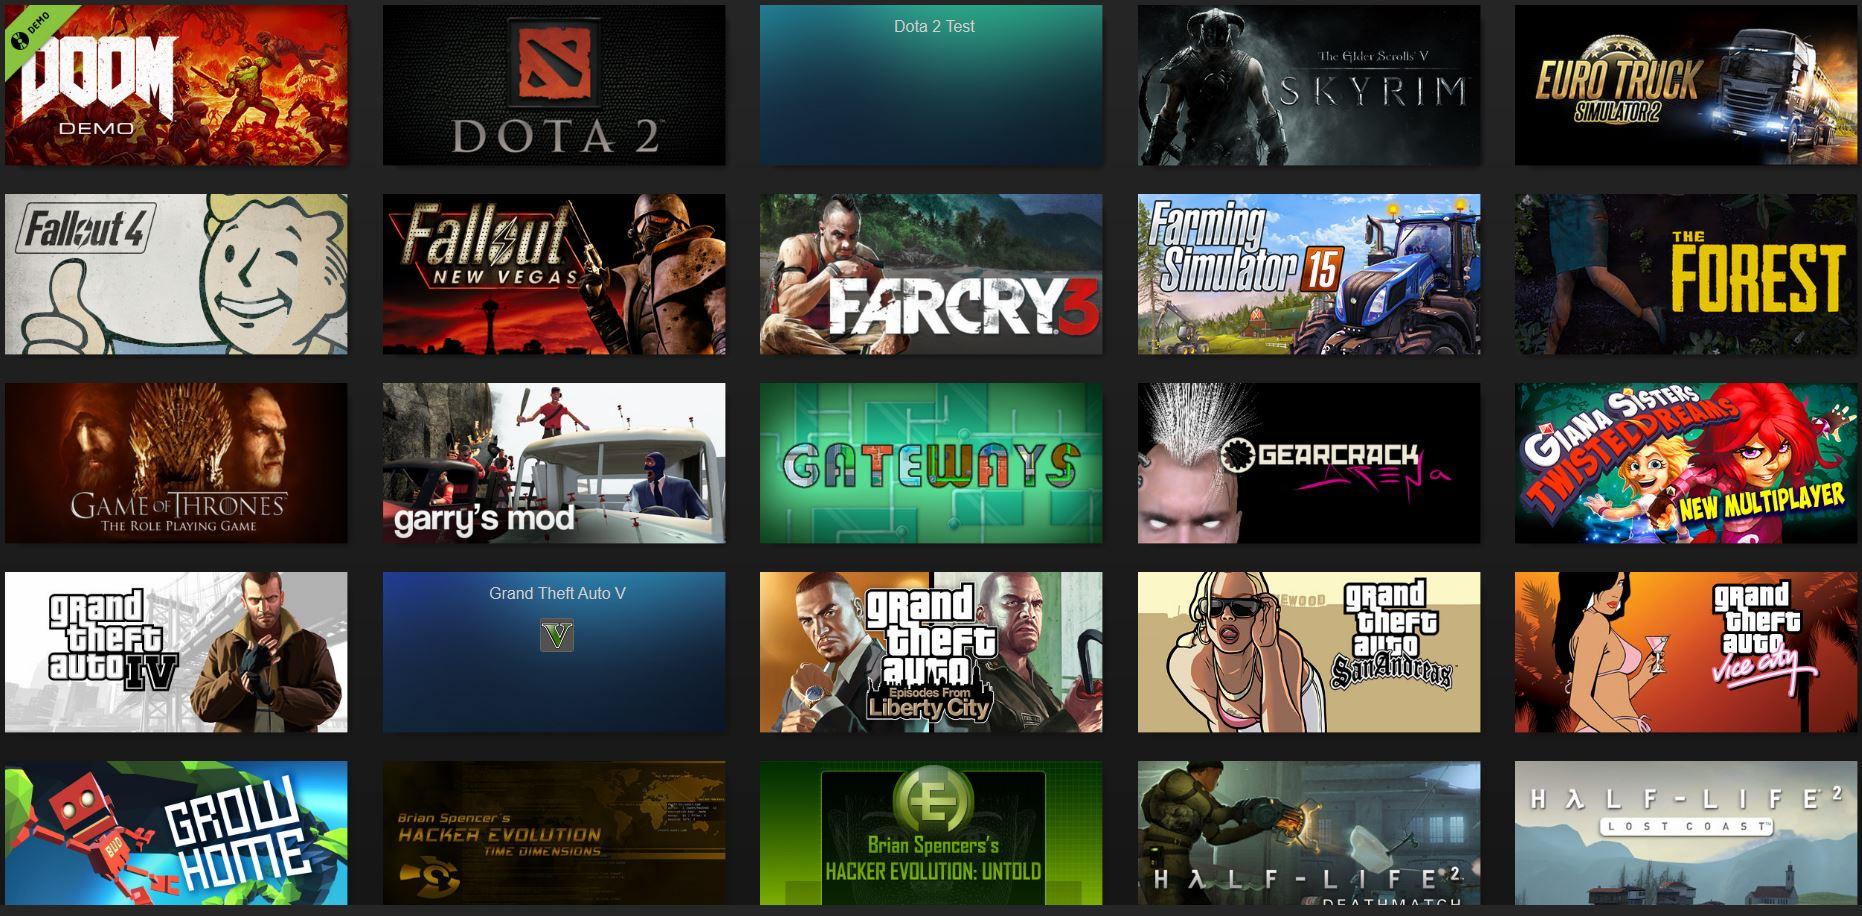 Spieler knackt Level 1000 bei Steam, besitzt mehr als die Hälfte der Steam-Bibliothek